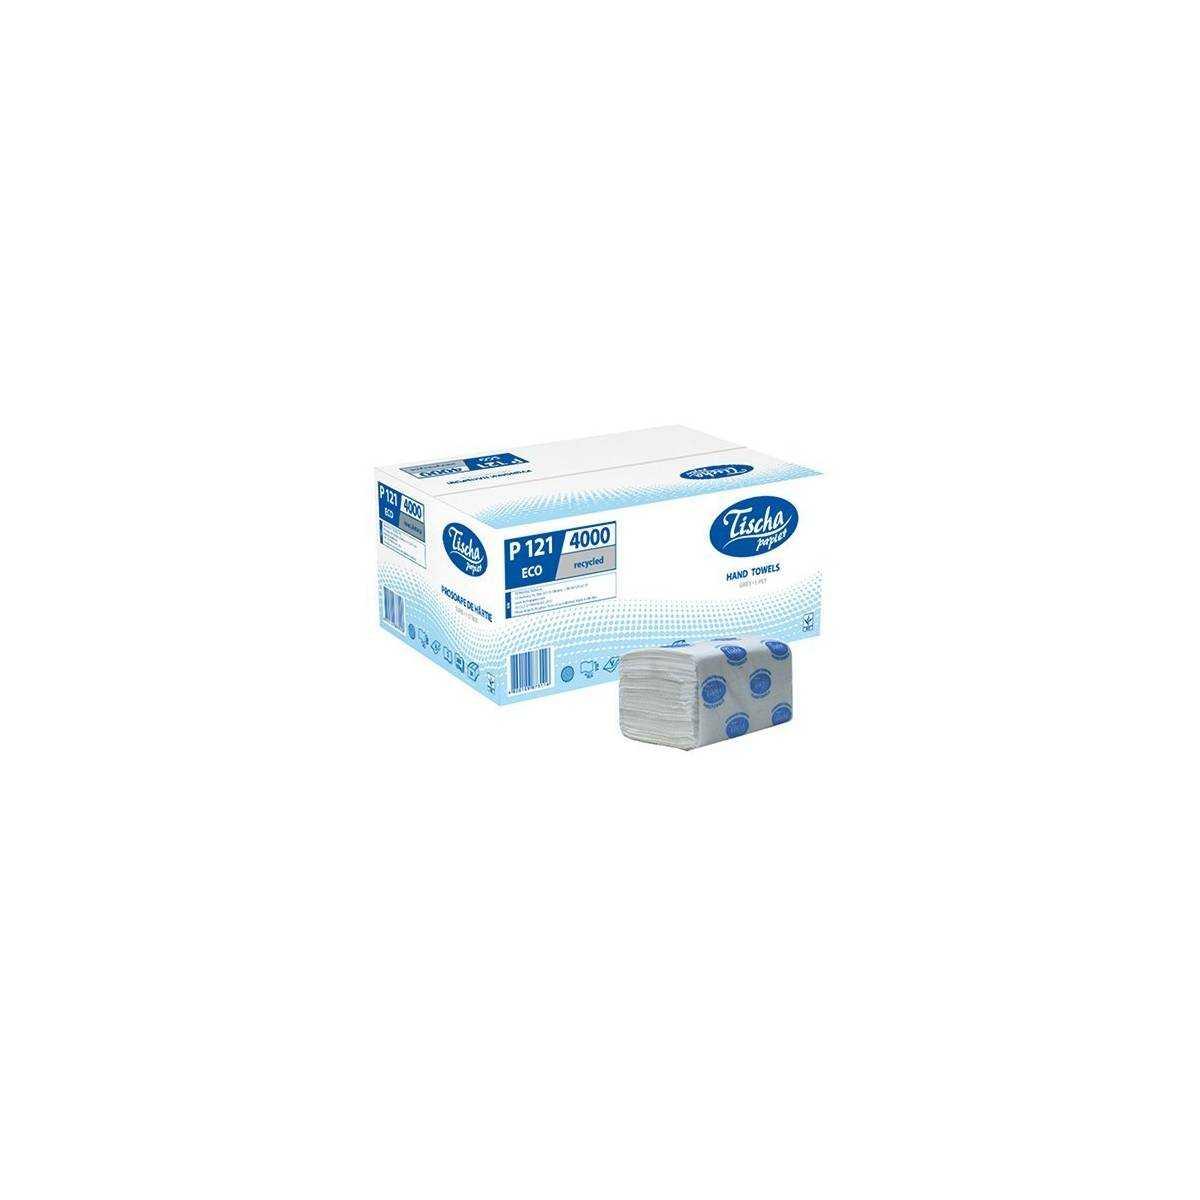 Полотенца бумажные ECO (ящик/20 пачек по 200 листов) P121 Tischa Papier